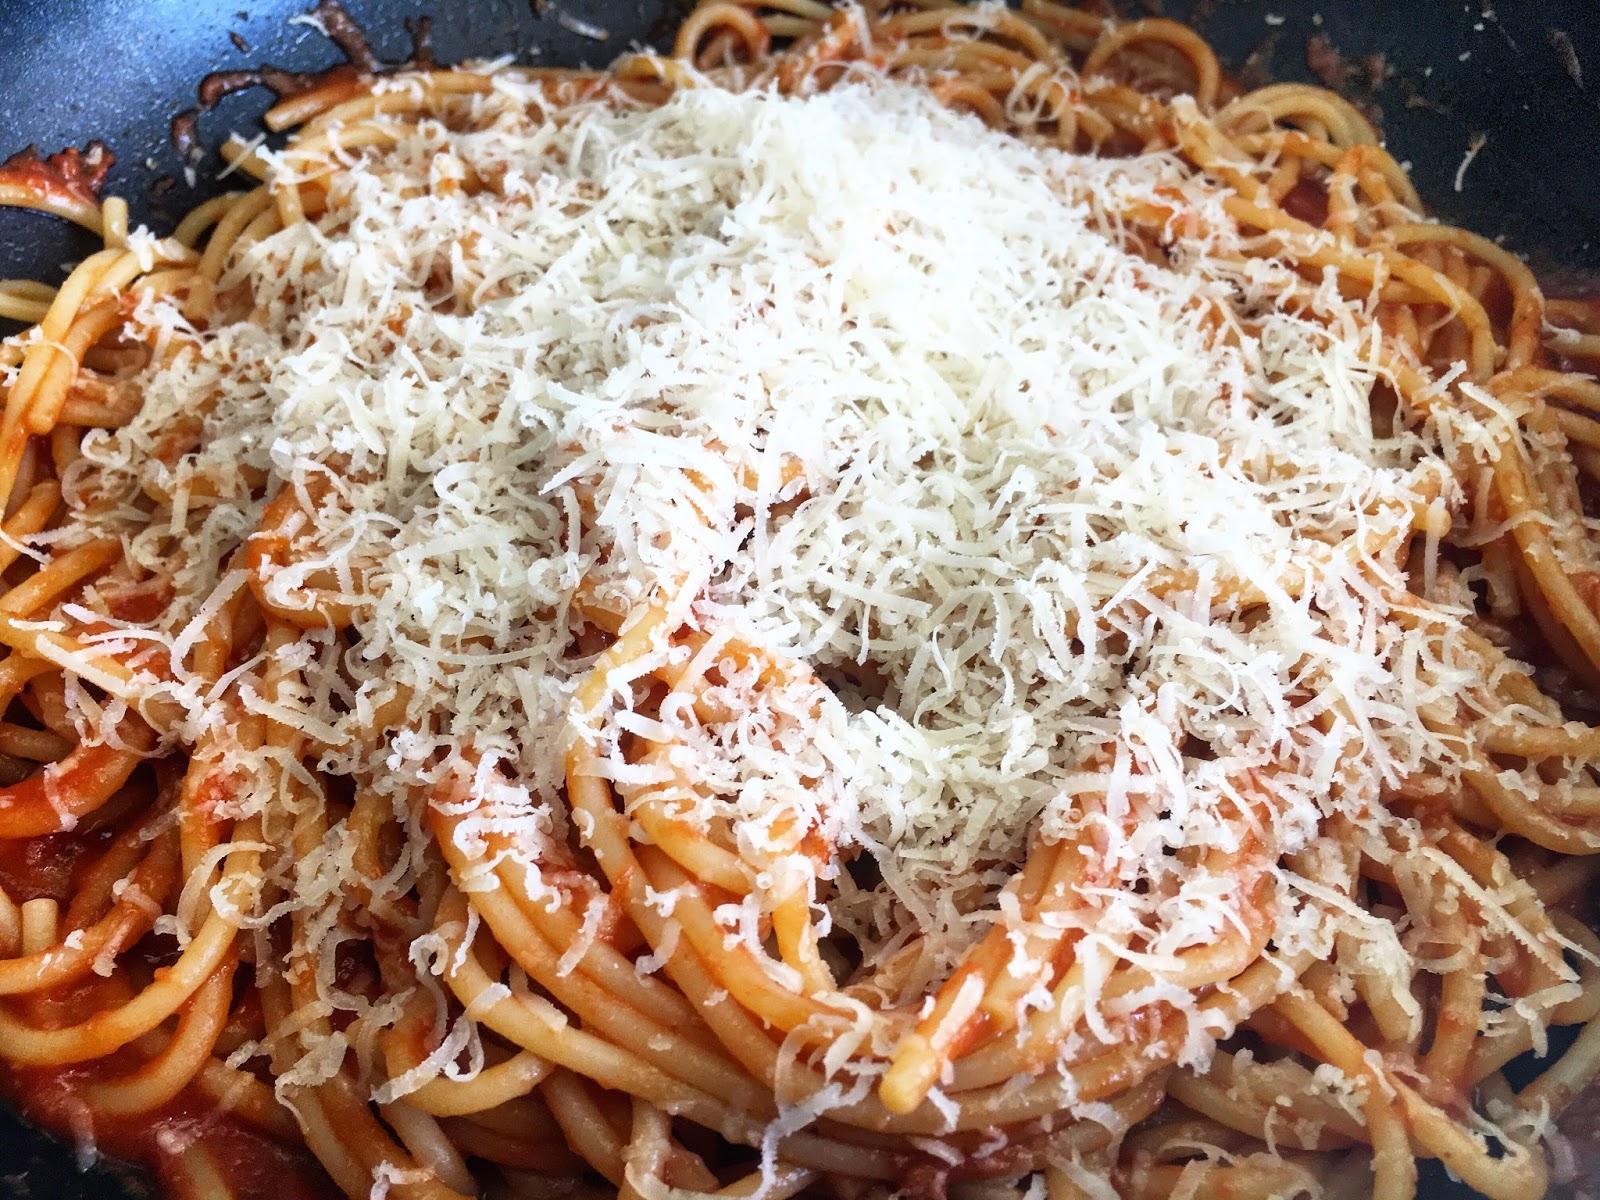 Spaghetti qui ne colle pas